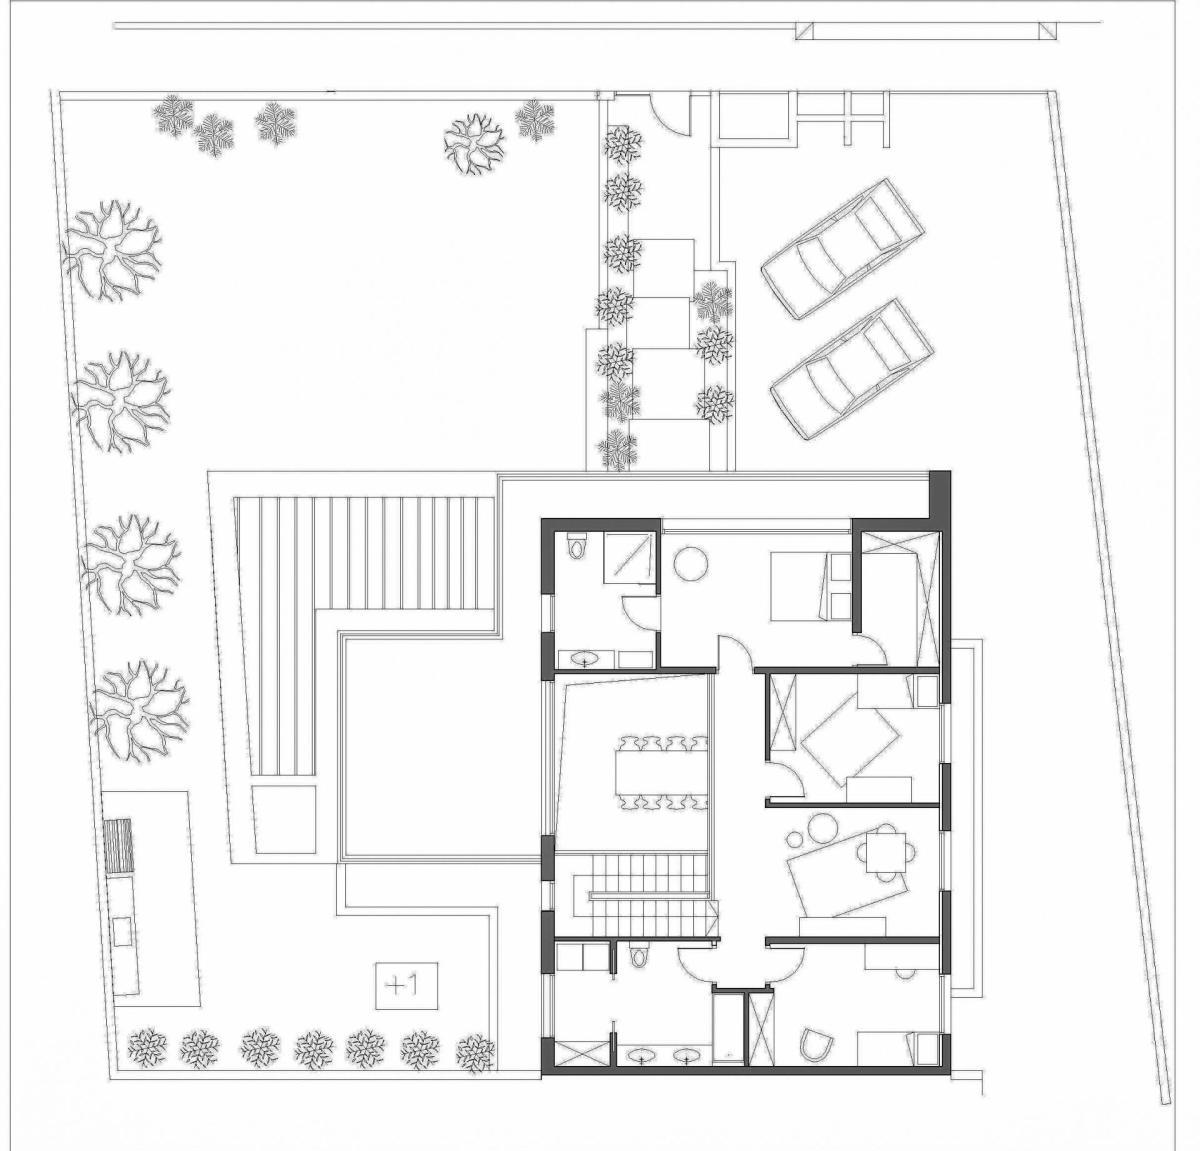 concrete ron shenkin first floor plan